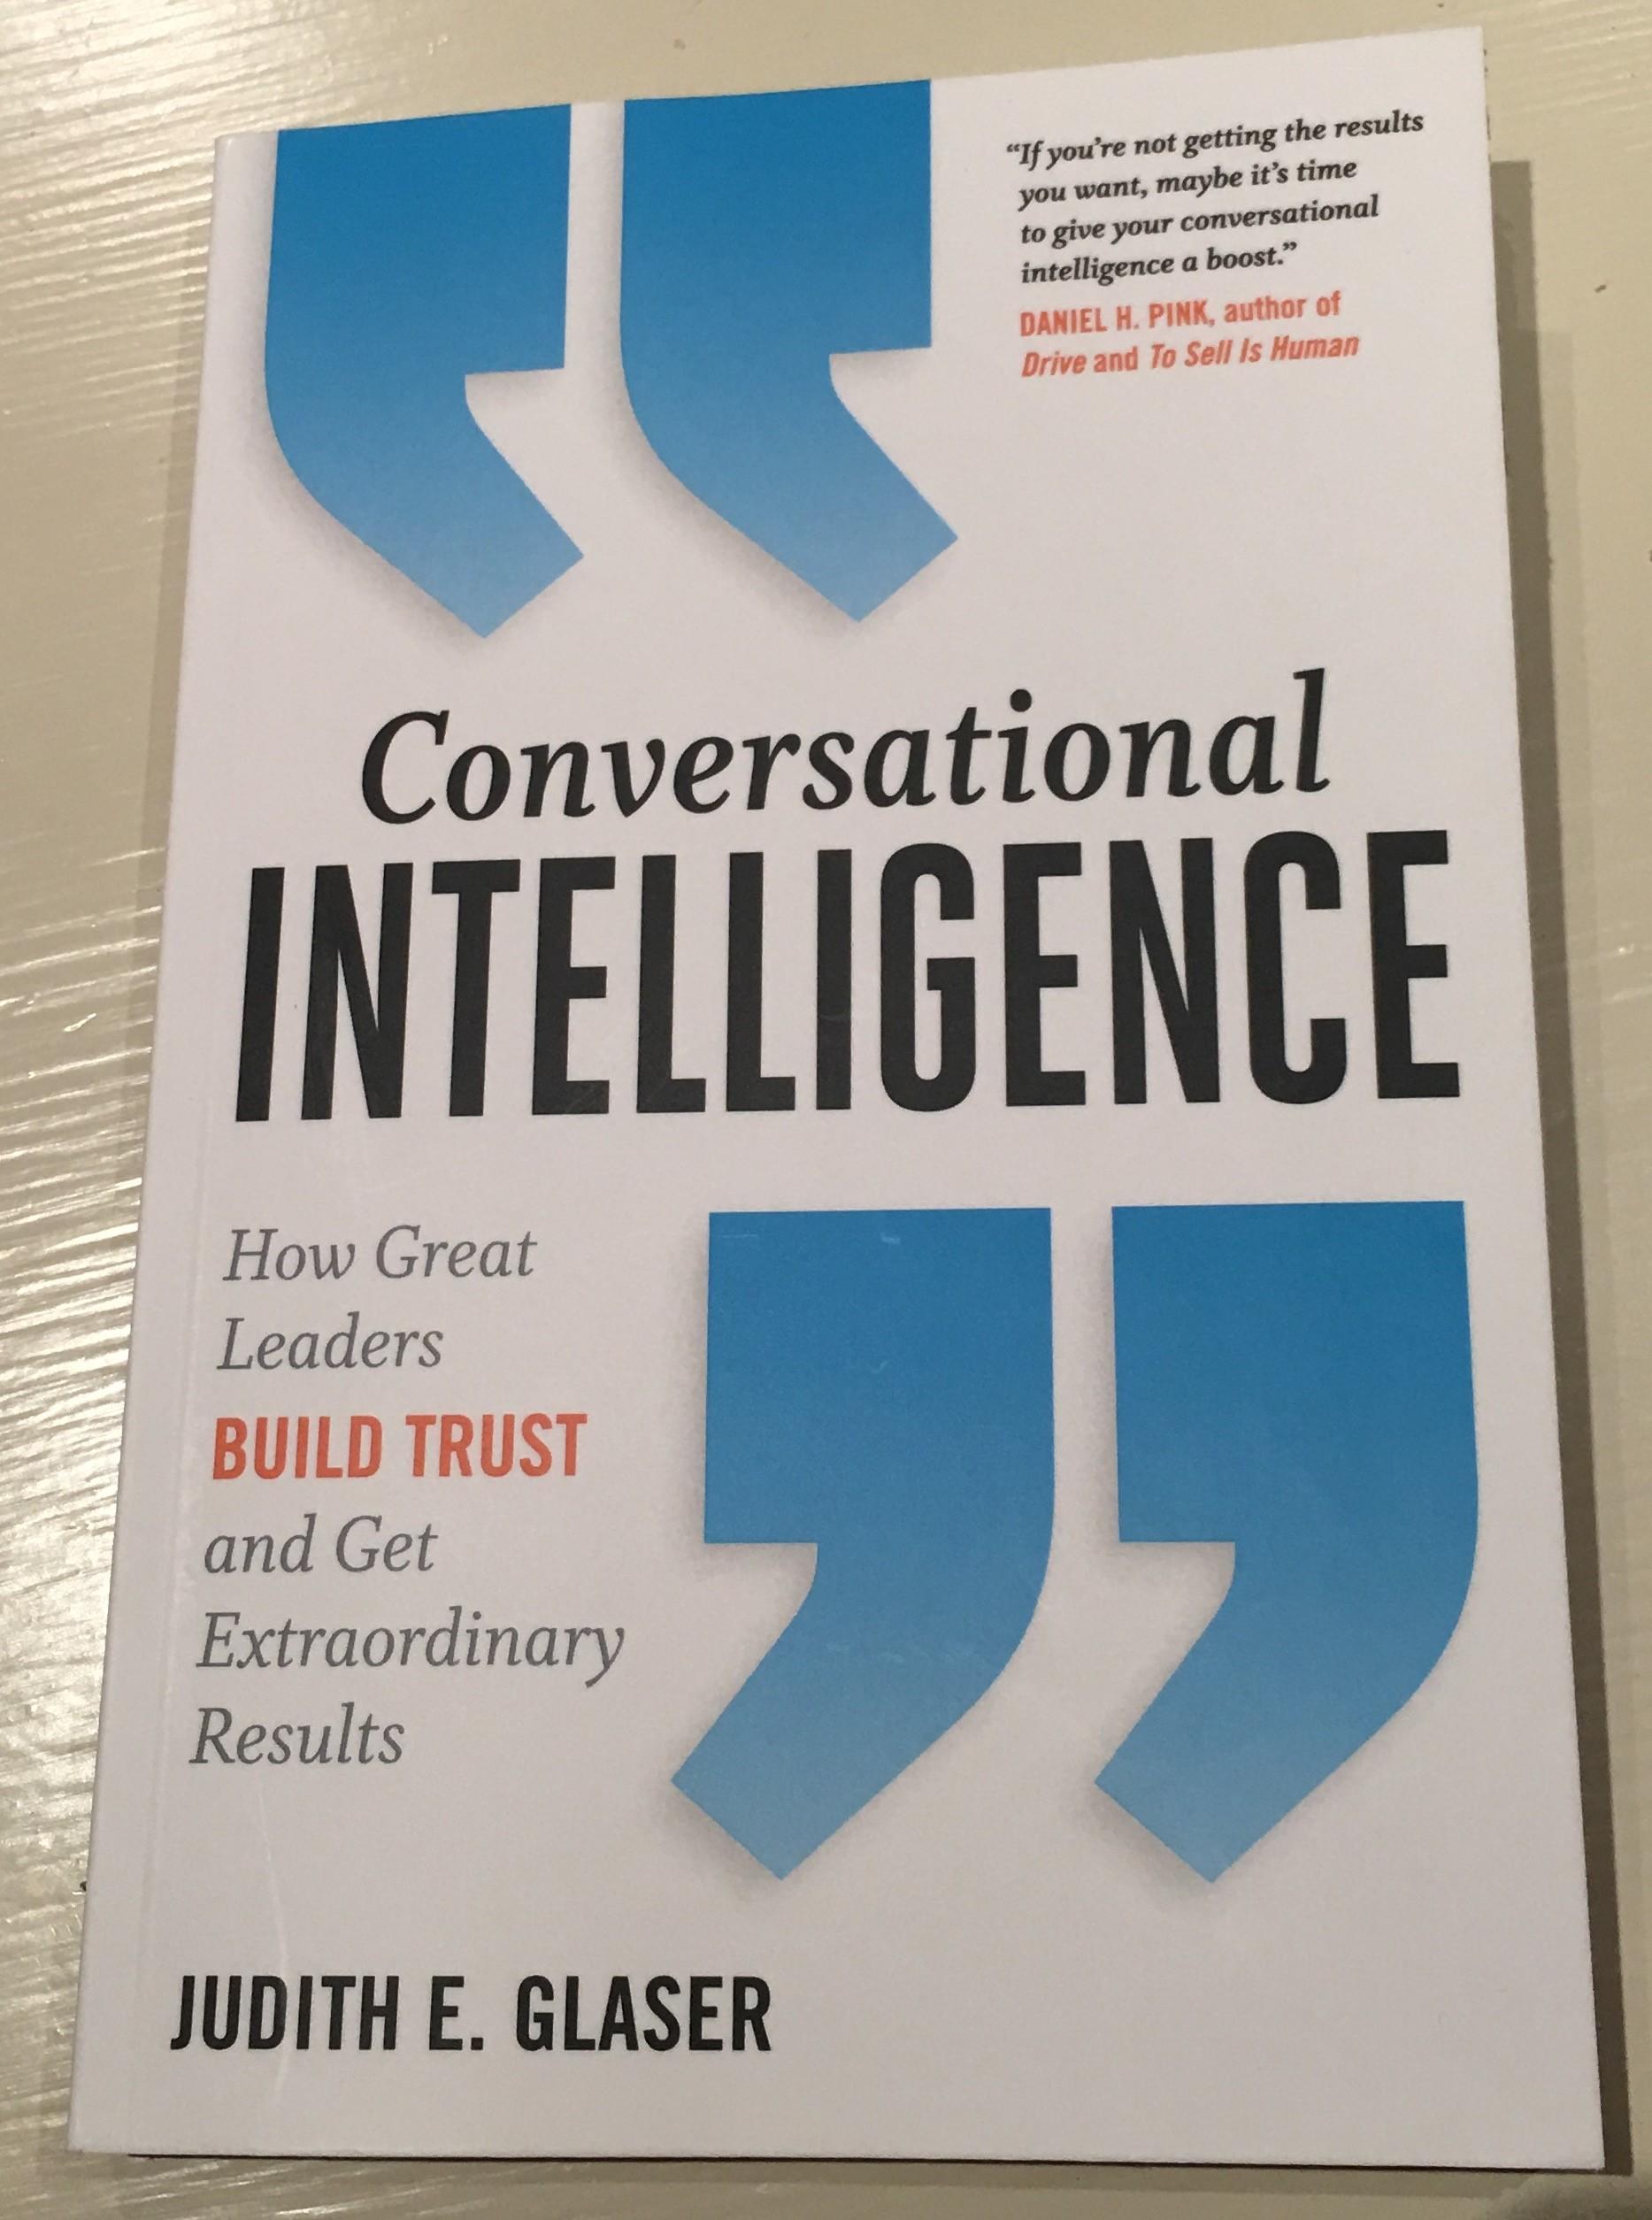 Conv intelligence.jpg